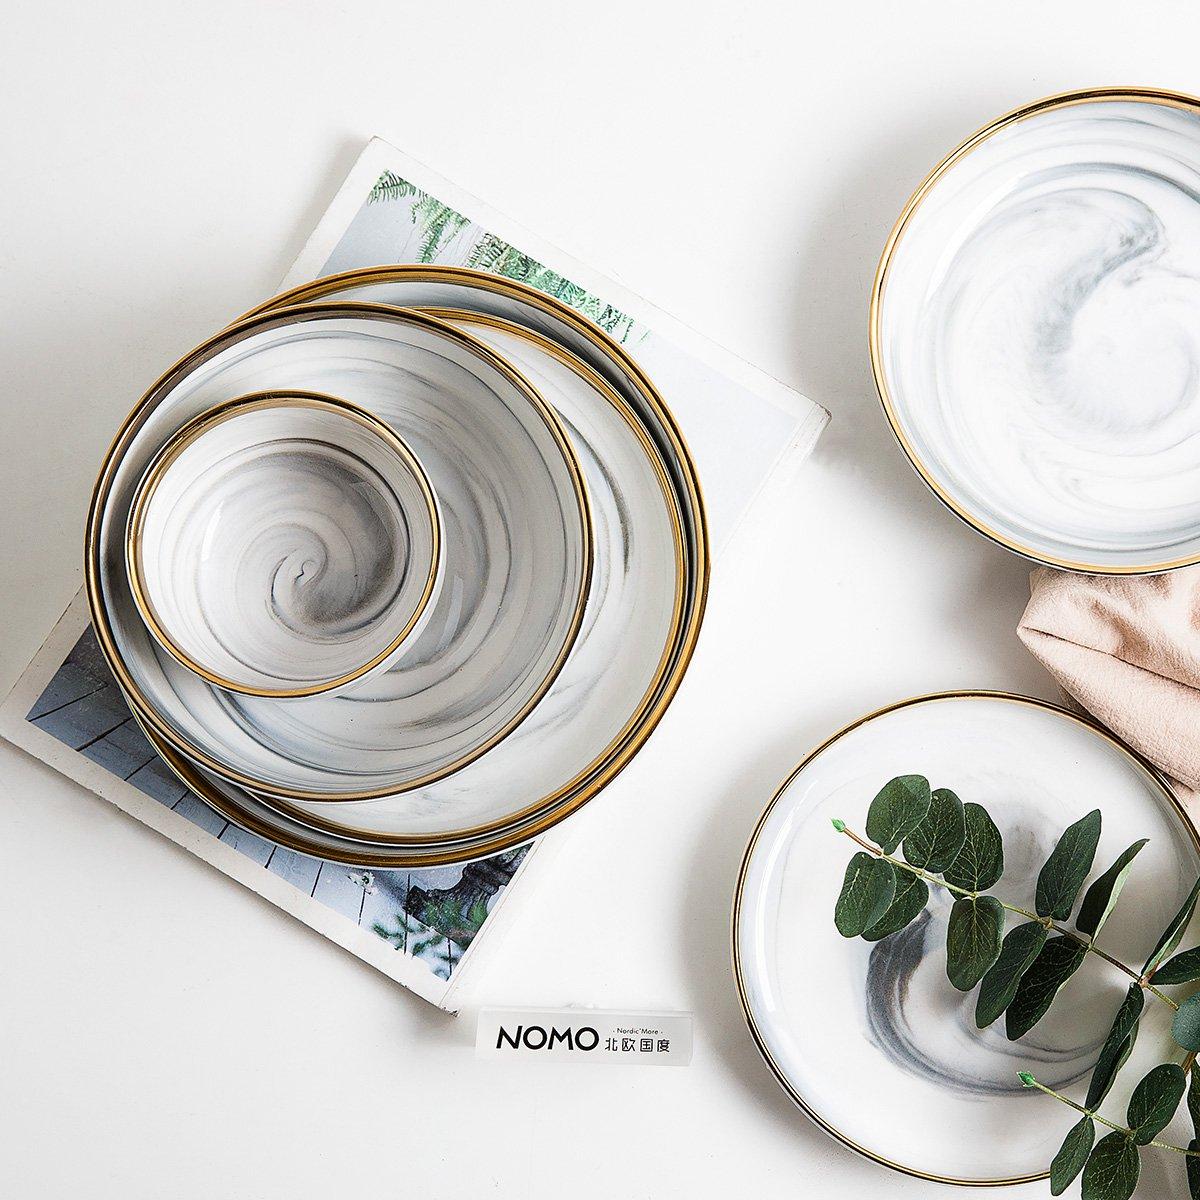 北欧国度 时尚家用纳维亚大理石纹电镀金边陶瓷汤碗盘餐具套装